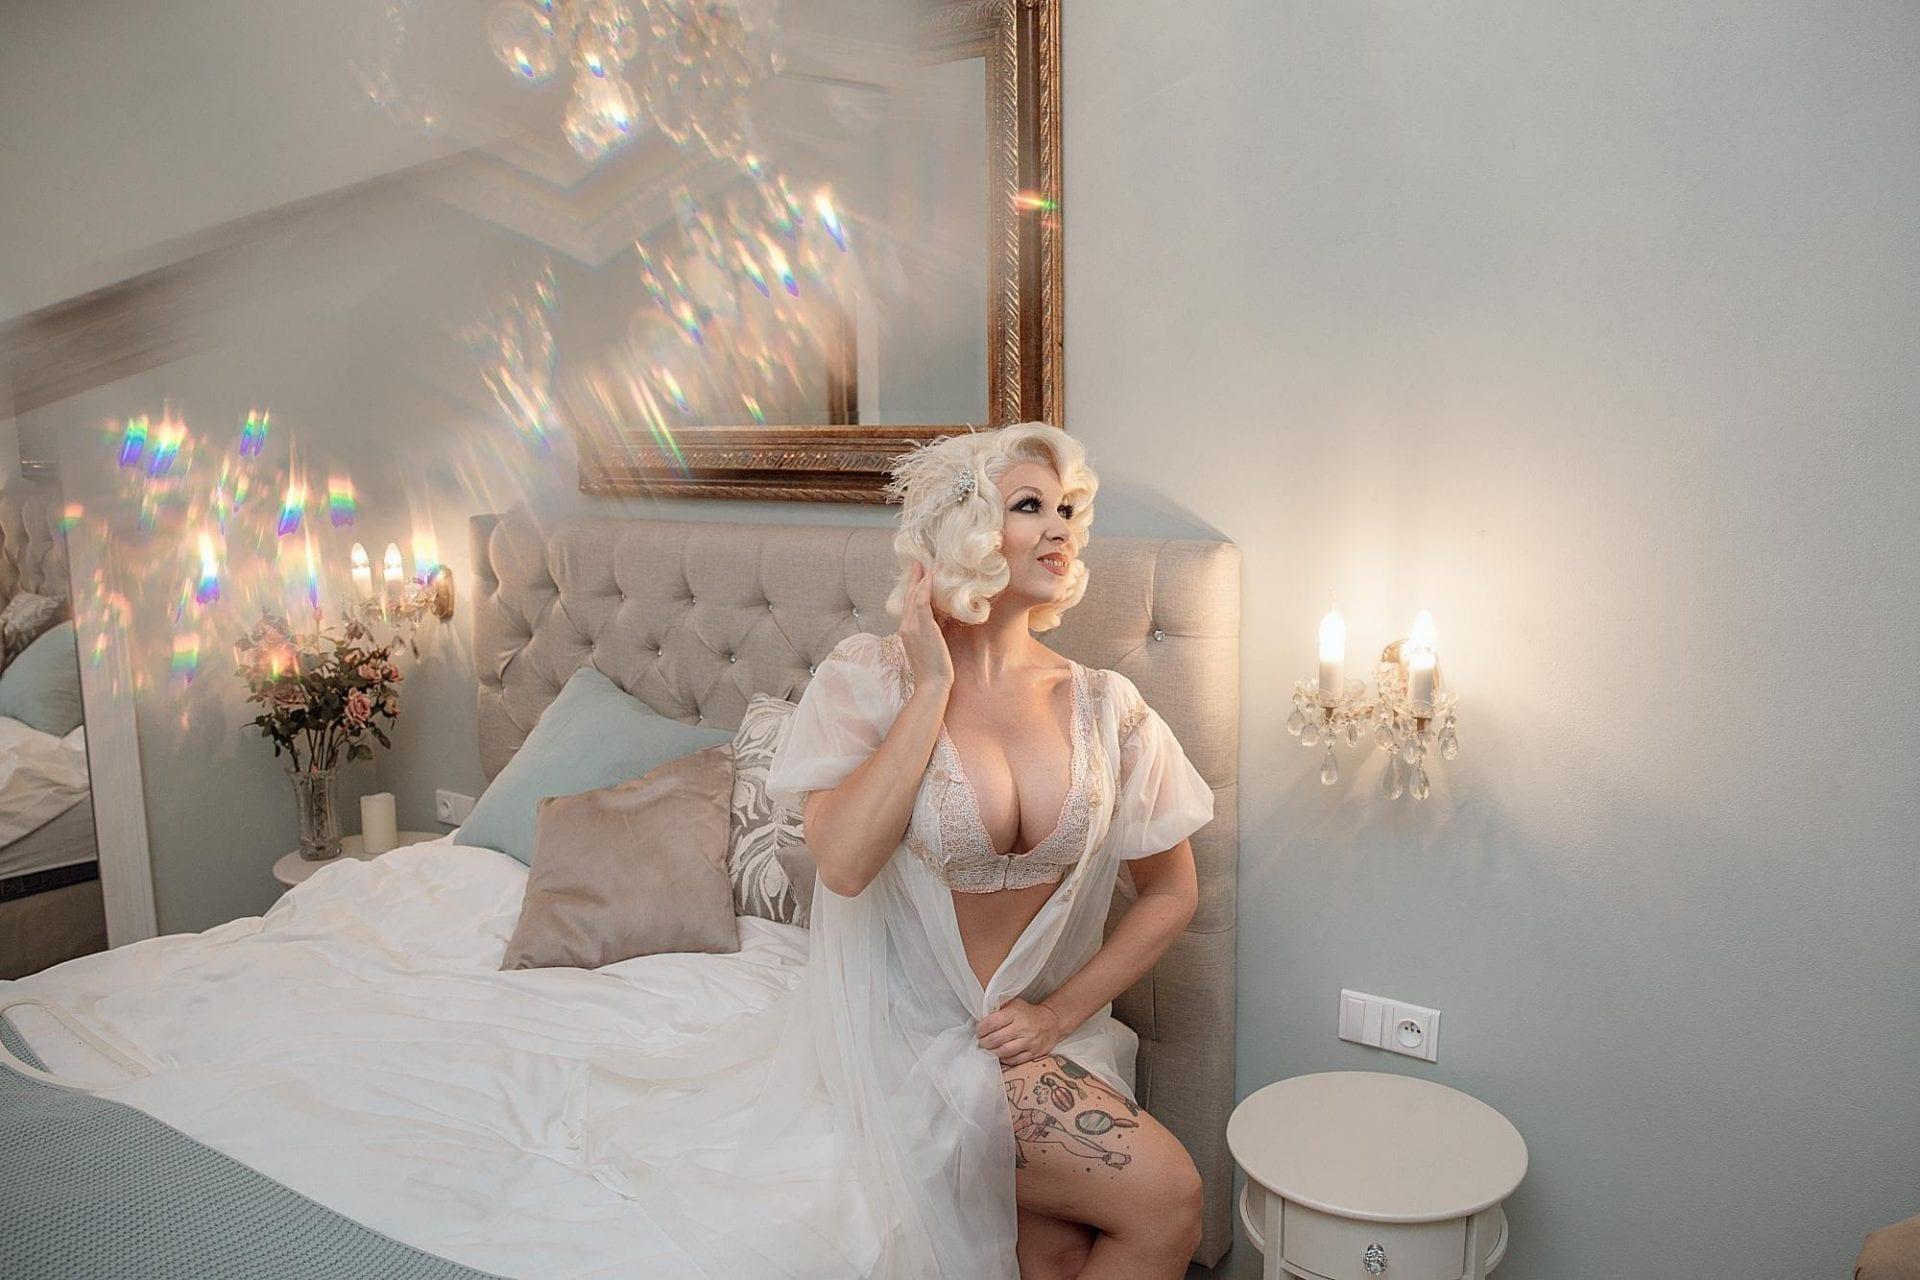 la boudoir miami vintage white lace robe